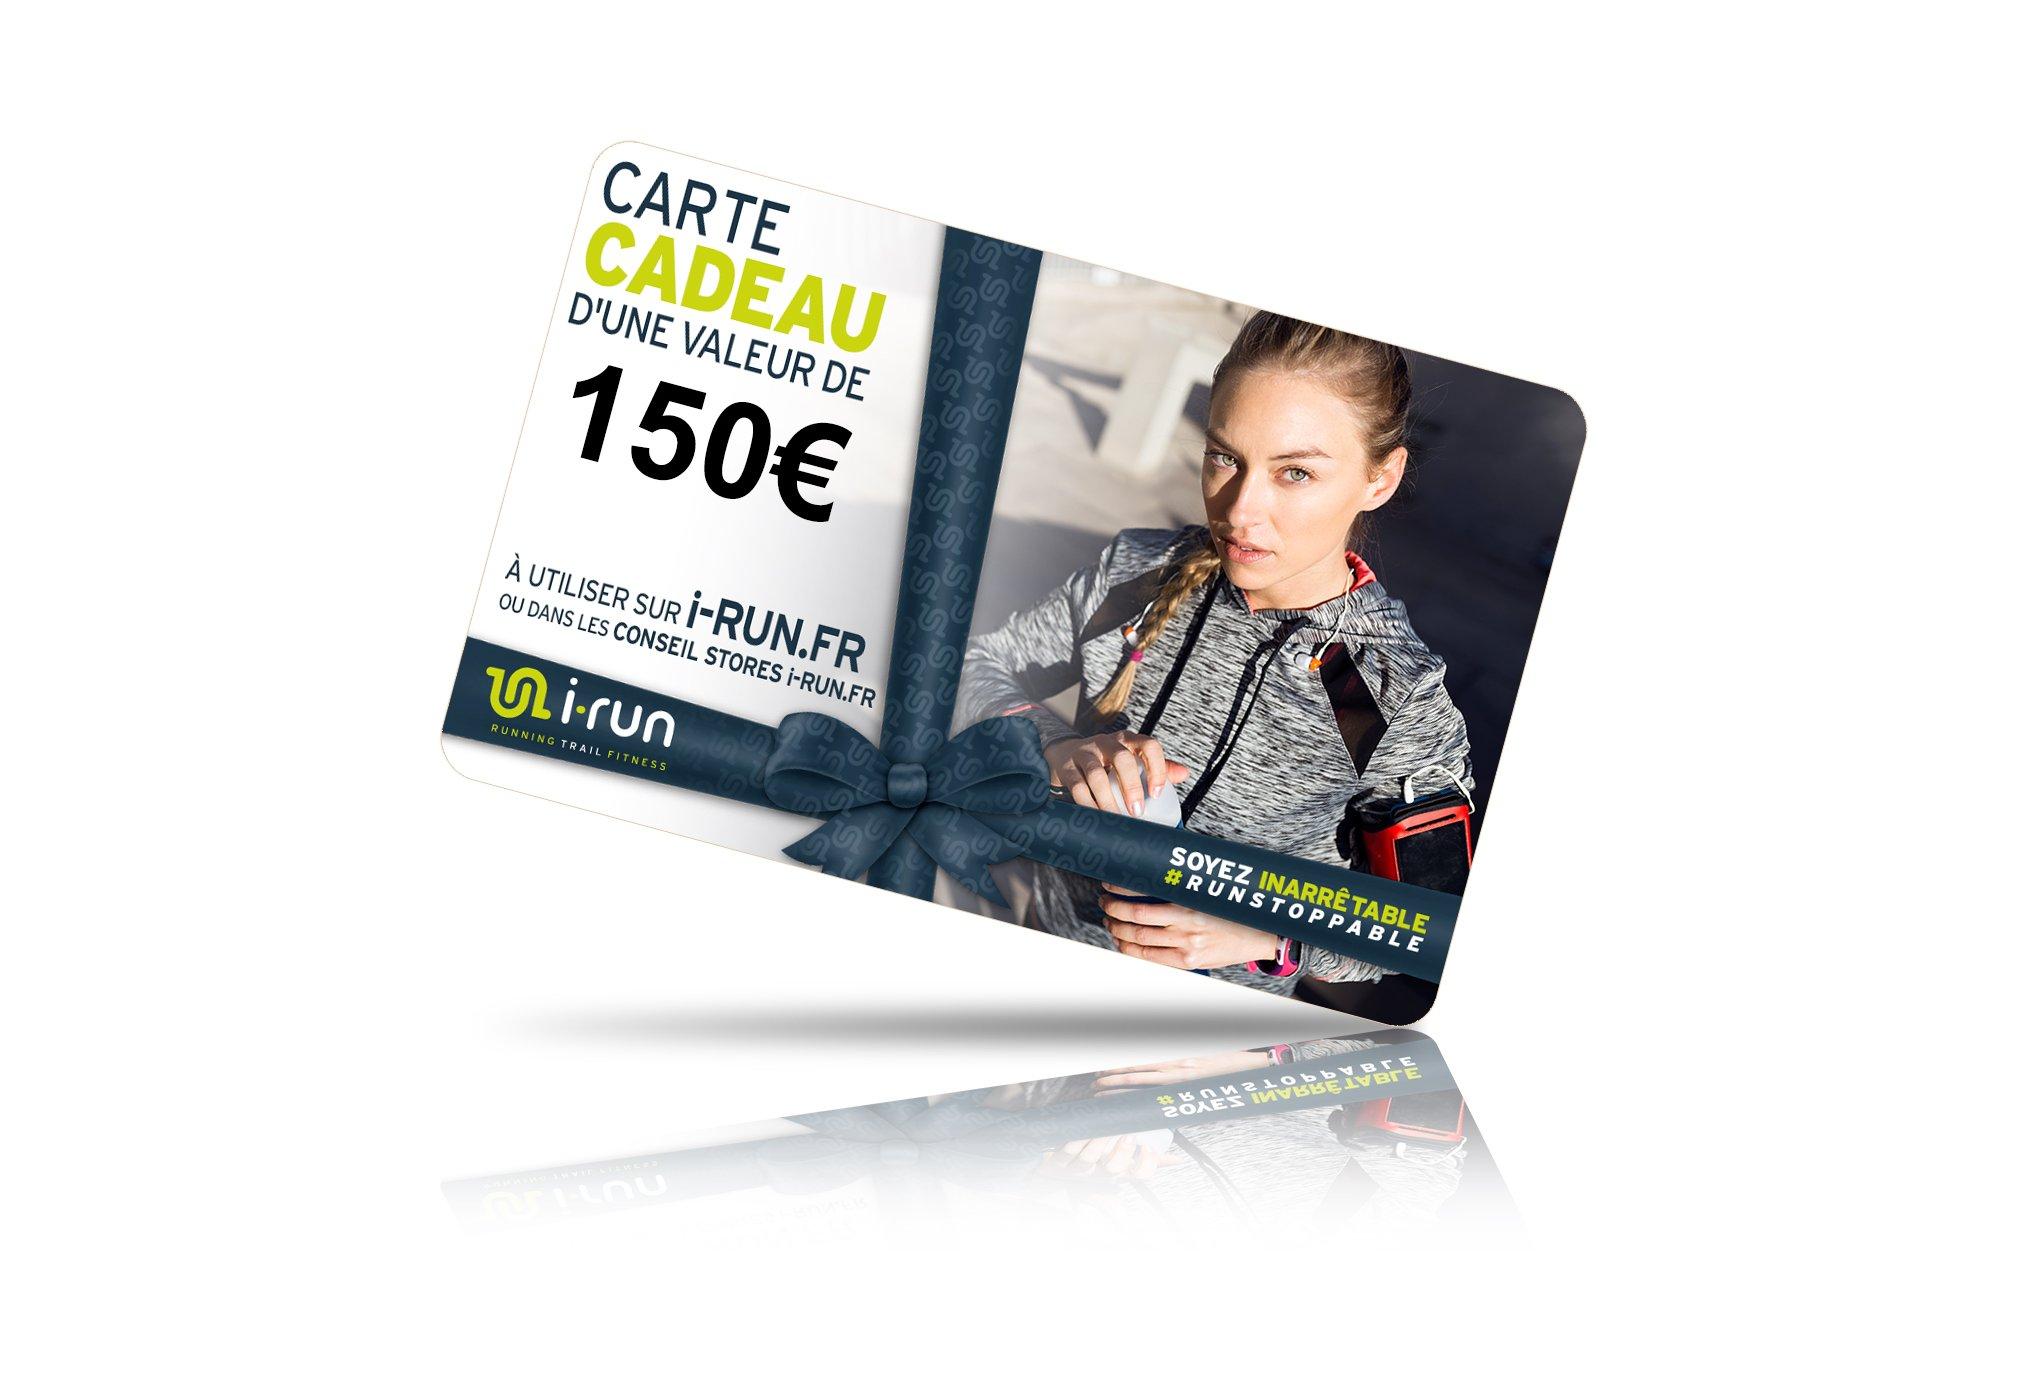 I-Run.Fr Carte cadeau 150 w cartes cadeau